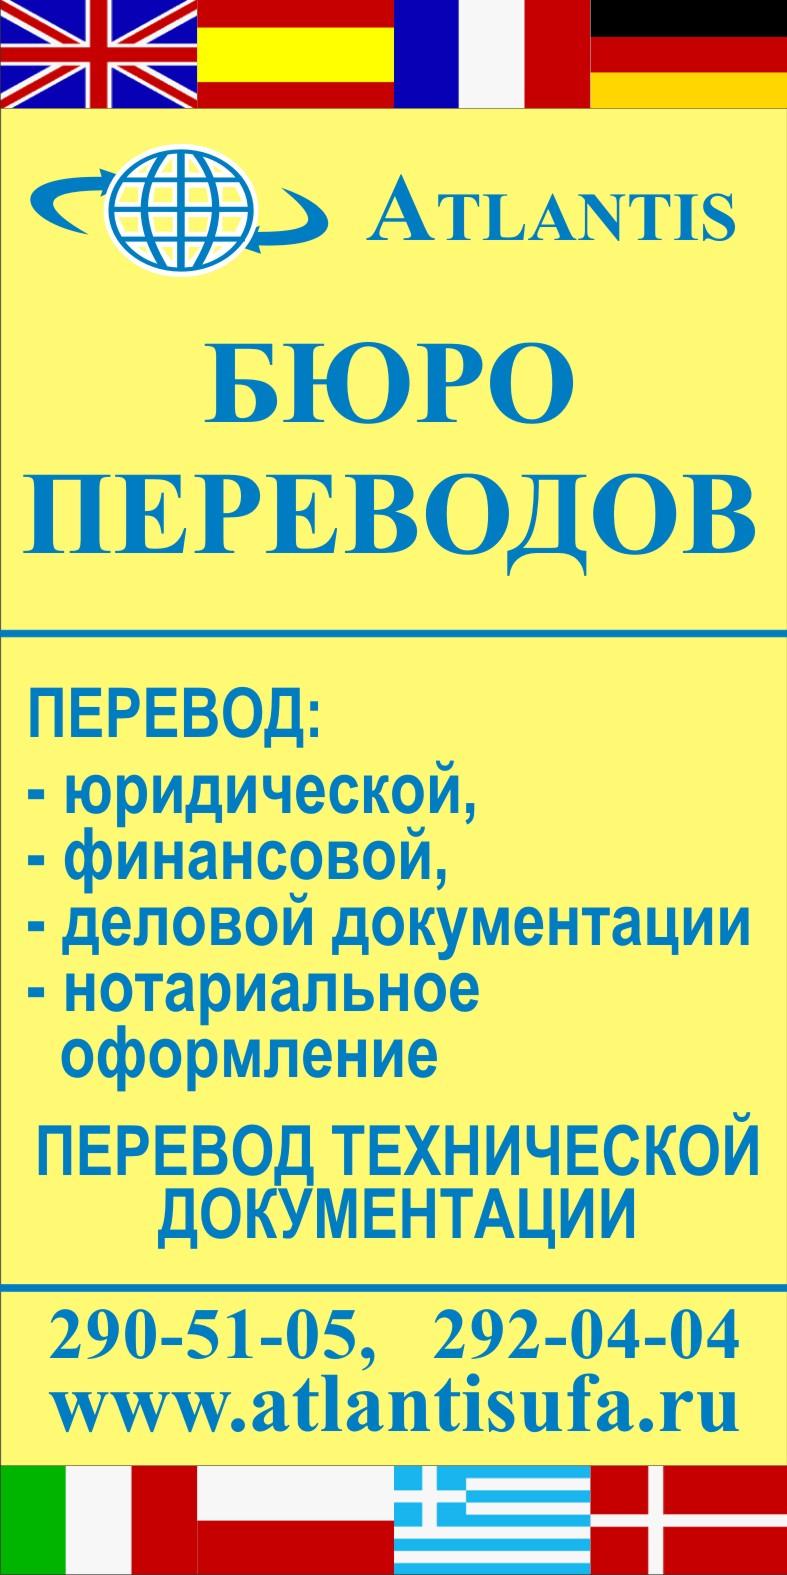 Профессиональные переводчики г.Уфы - Английский немецкий испанский итальянский китайский турецкий чешский перевод с украинского